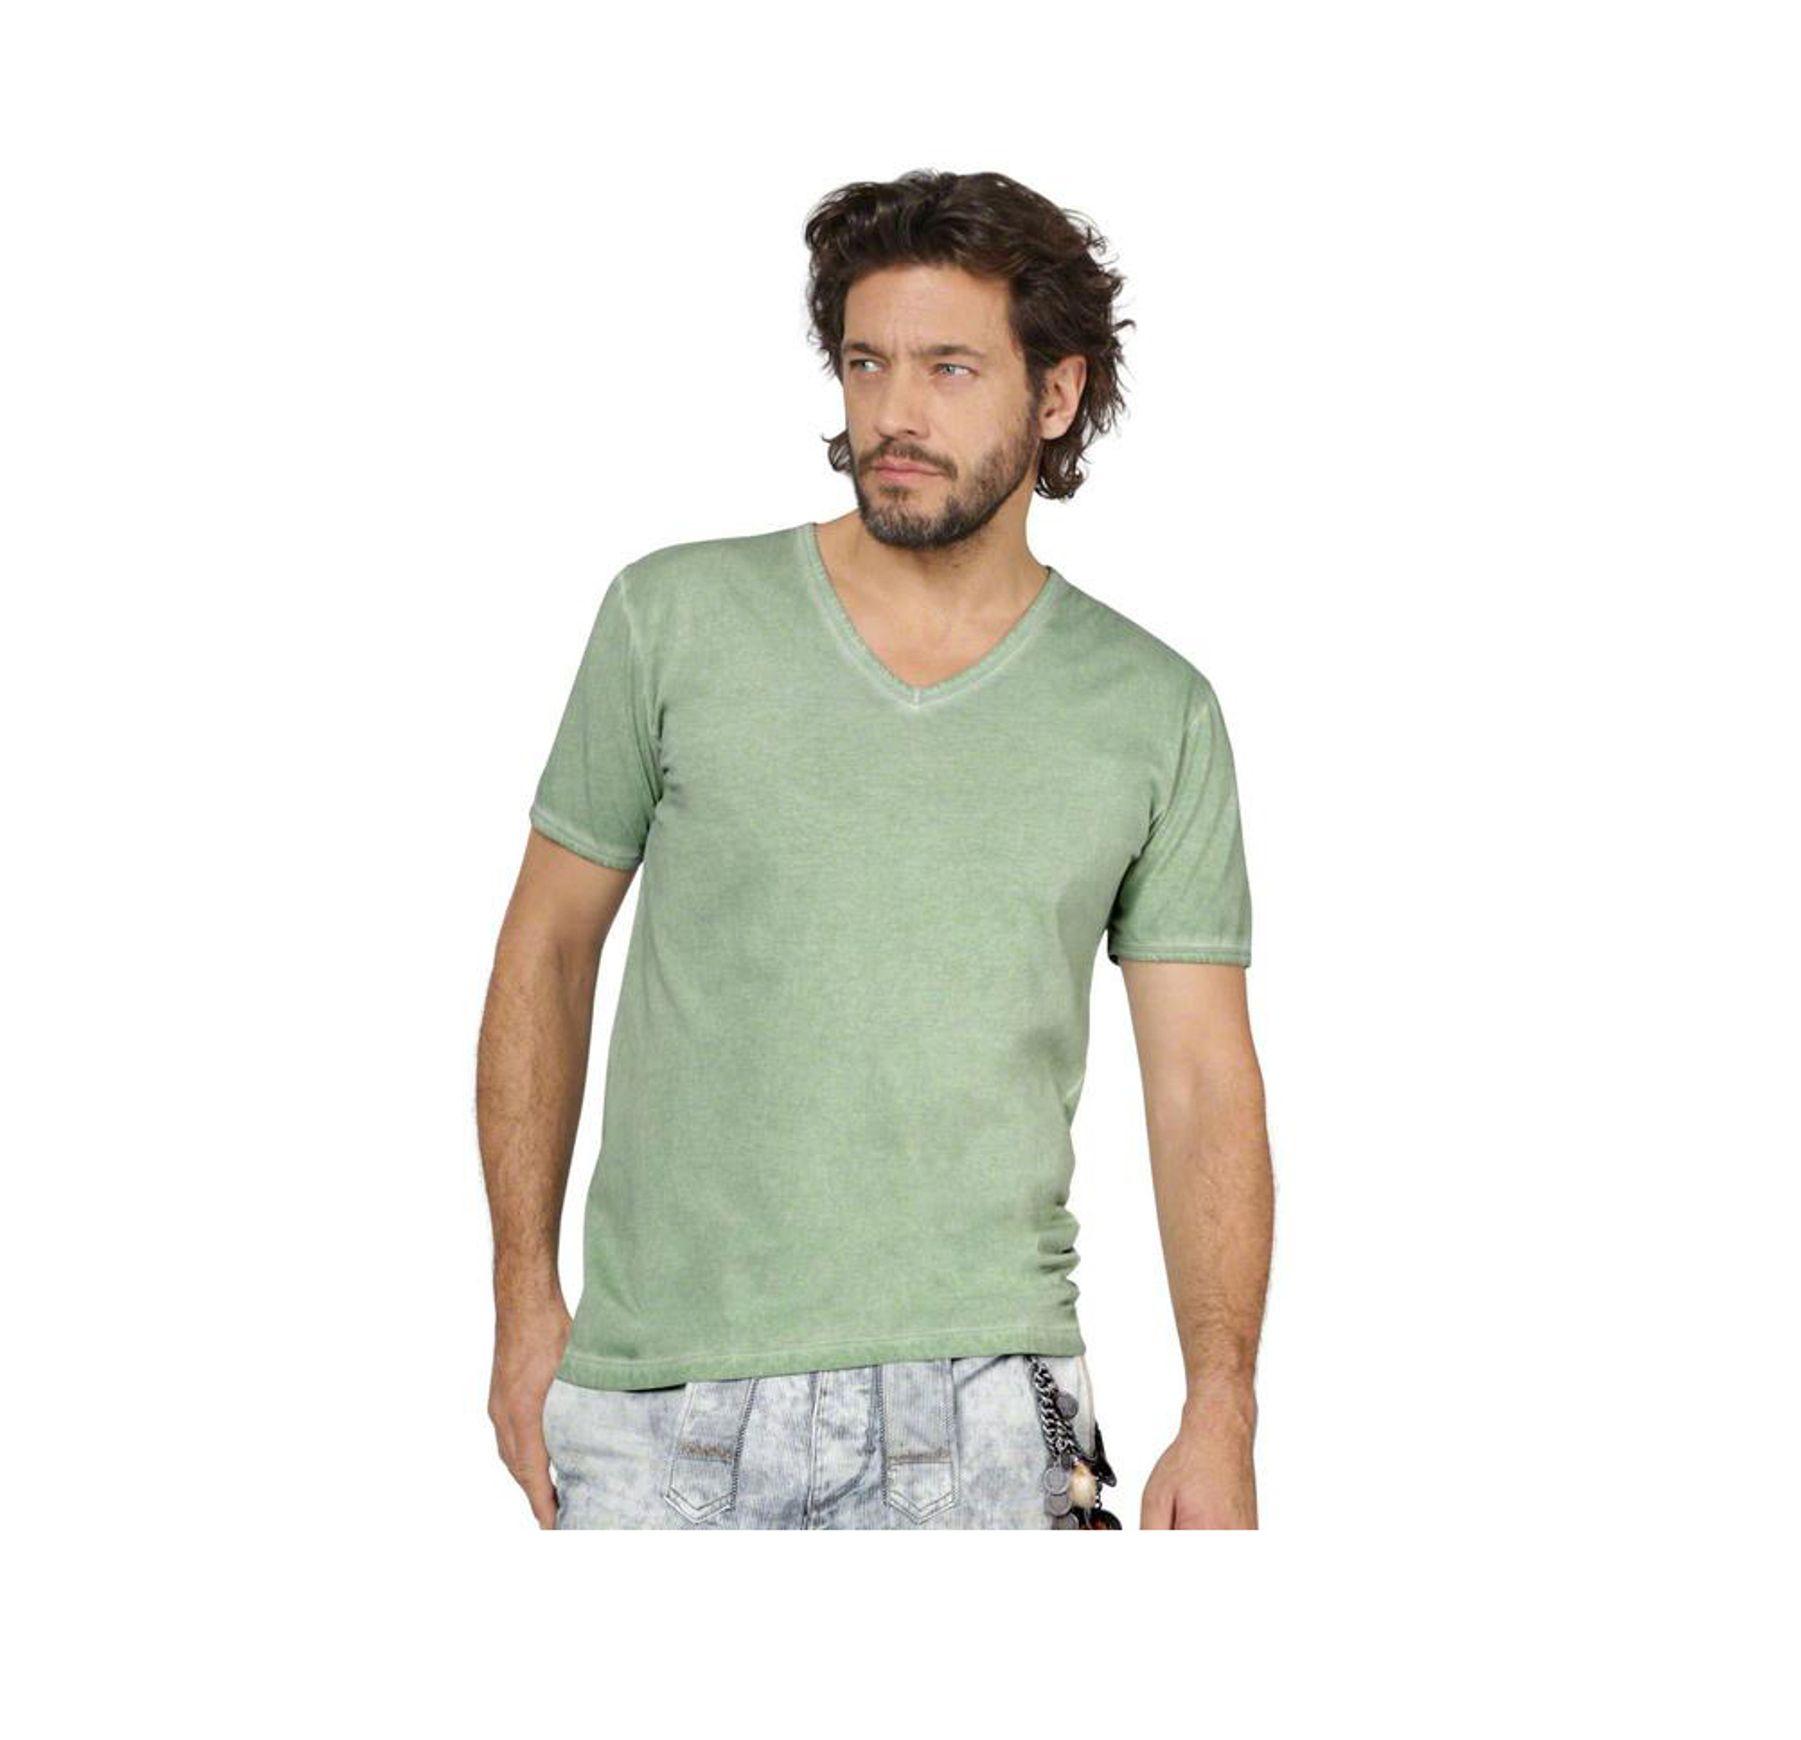 Stockerpoint - Herren Trachten T-Shirt, Falko – Bild 10